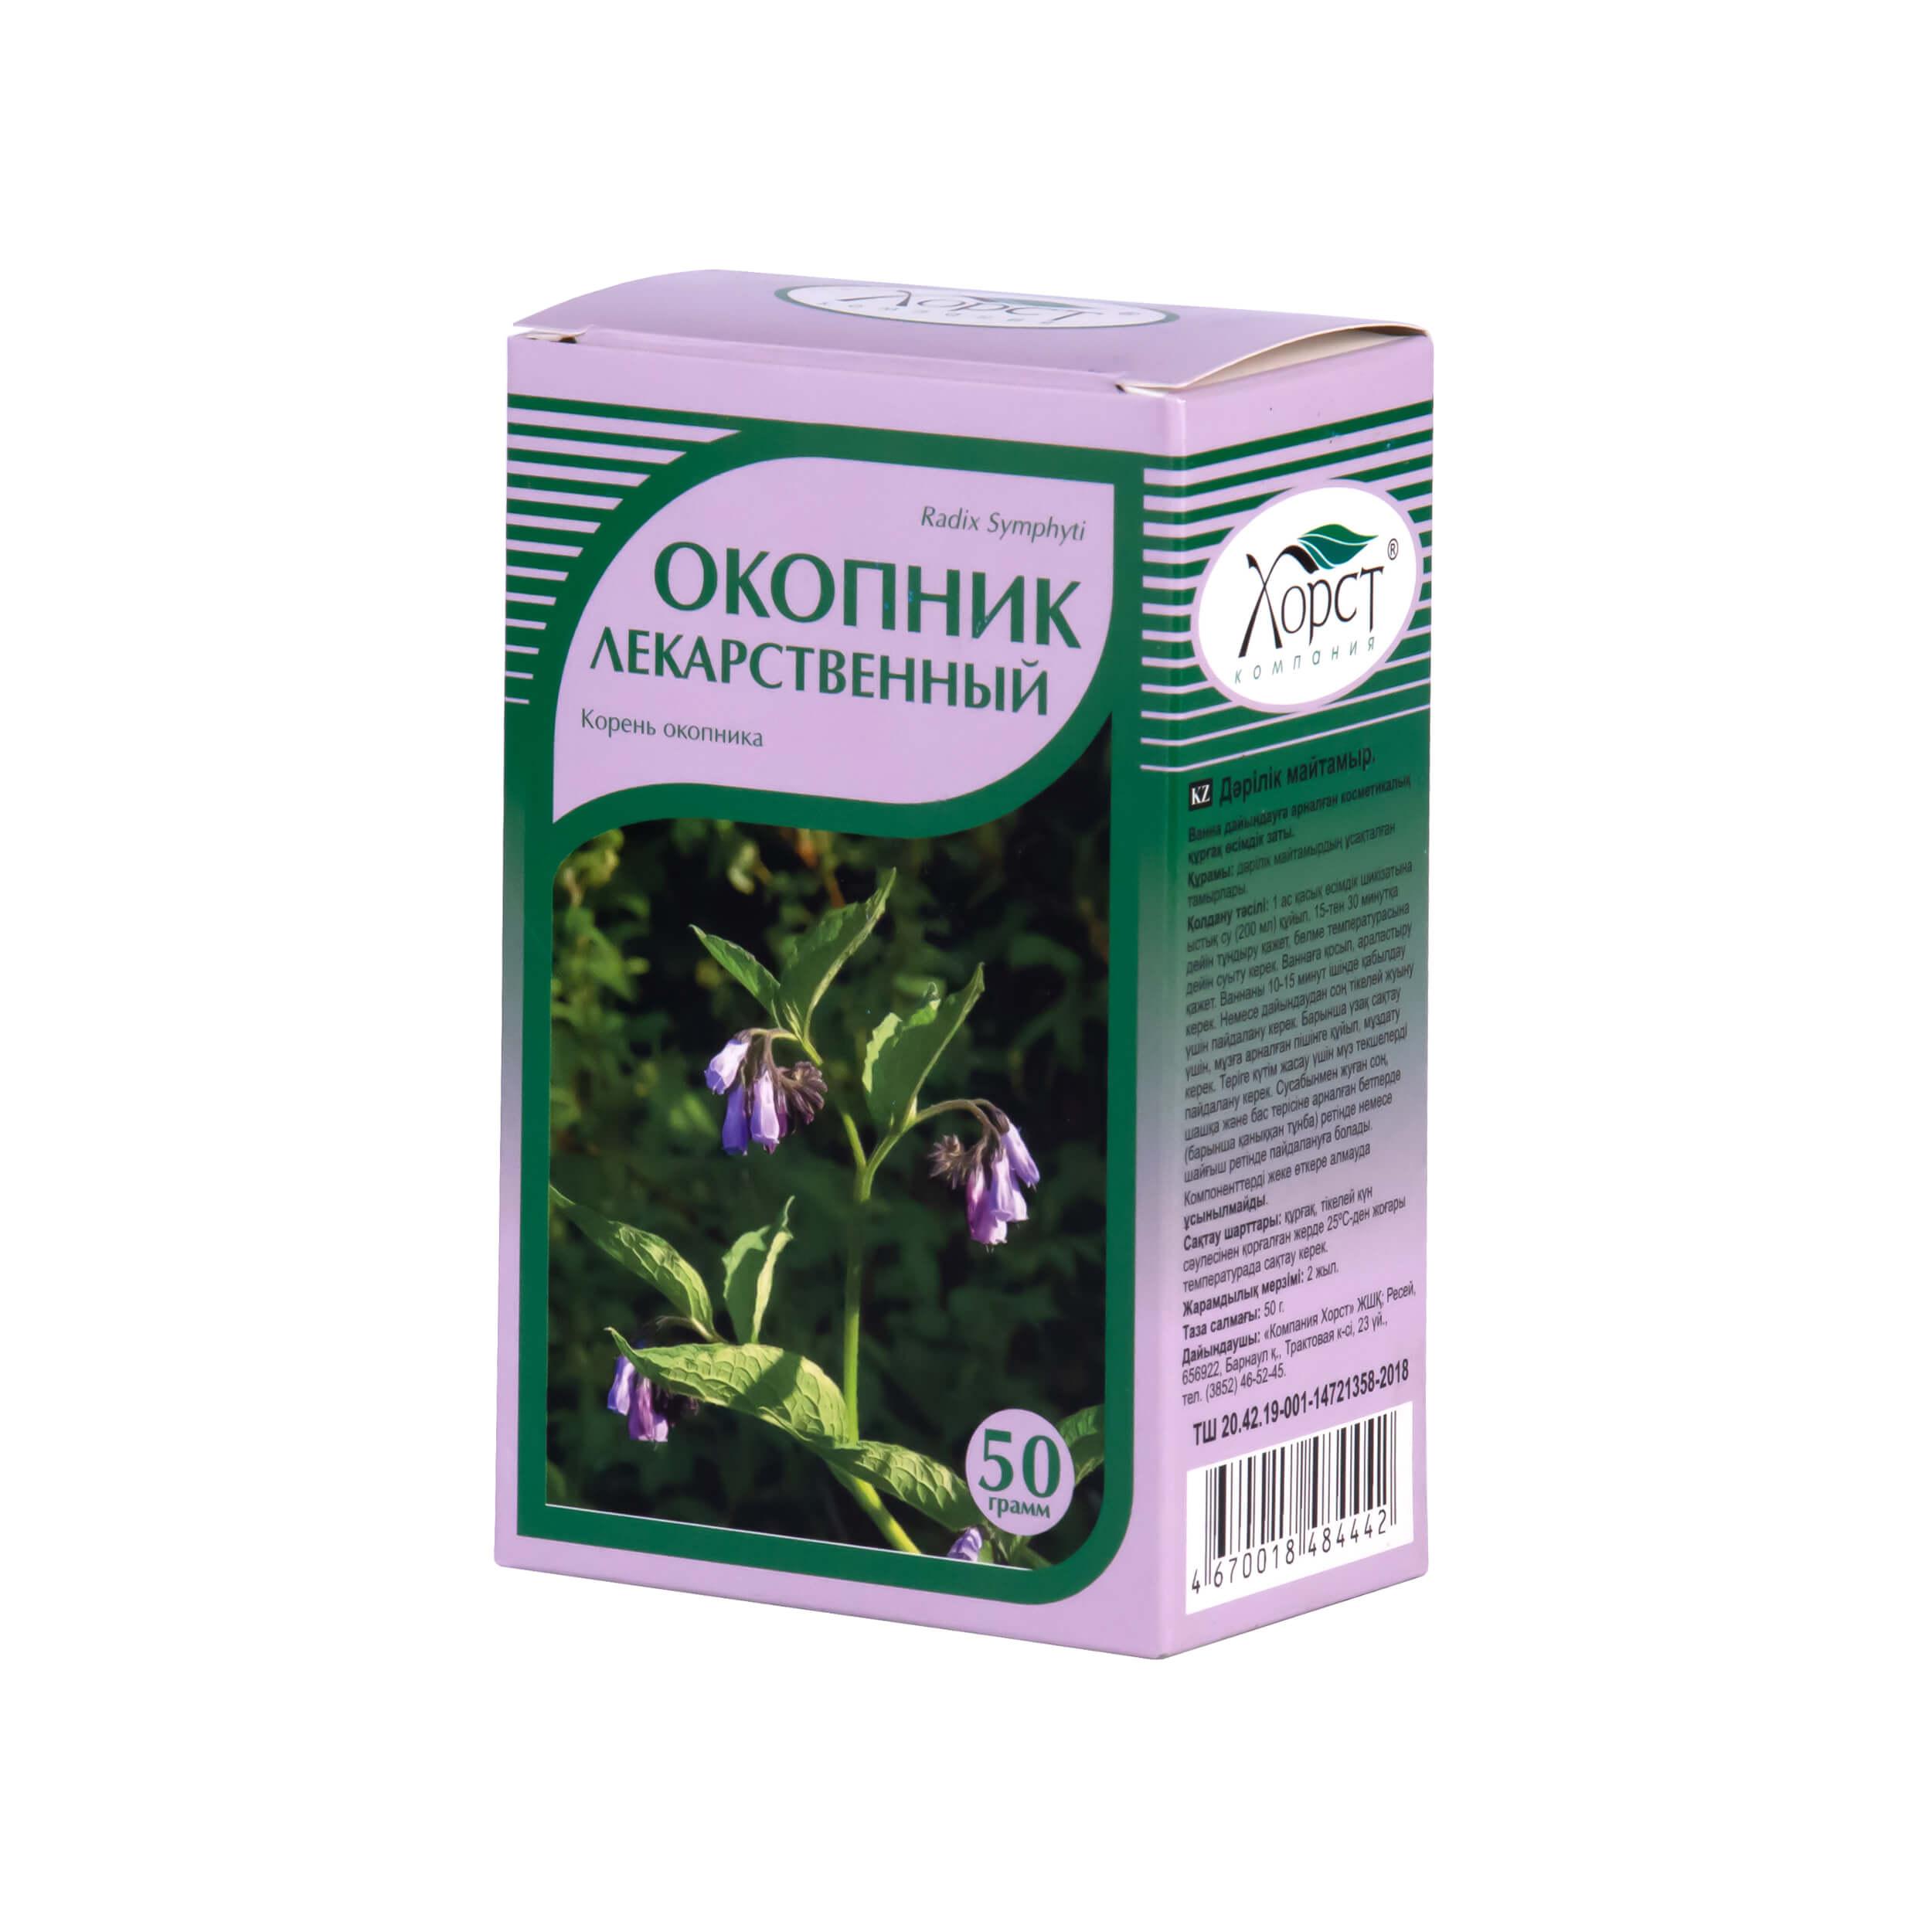 Окопник лекарственный (корень, 50 грамм) фото